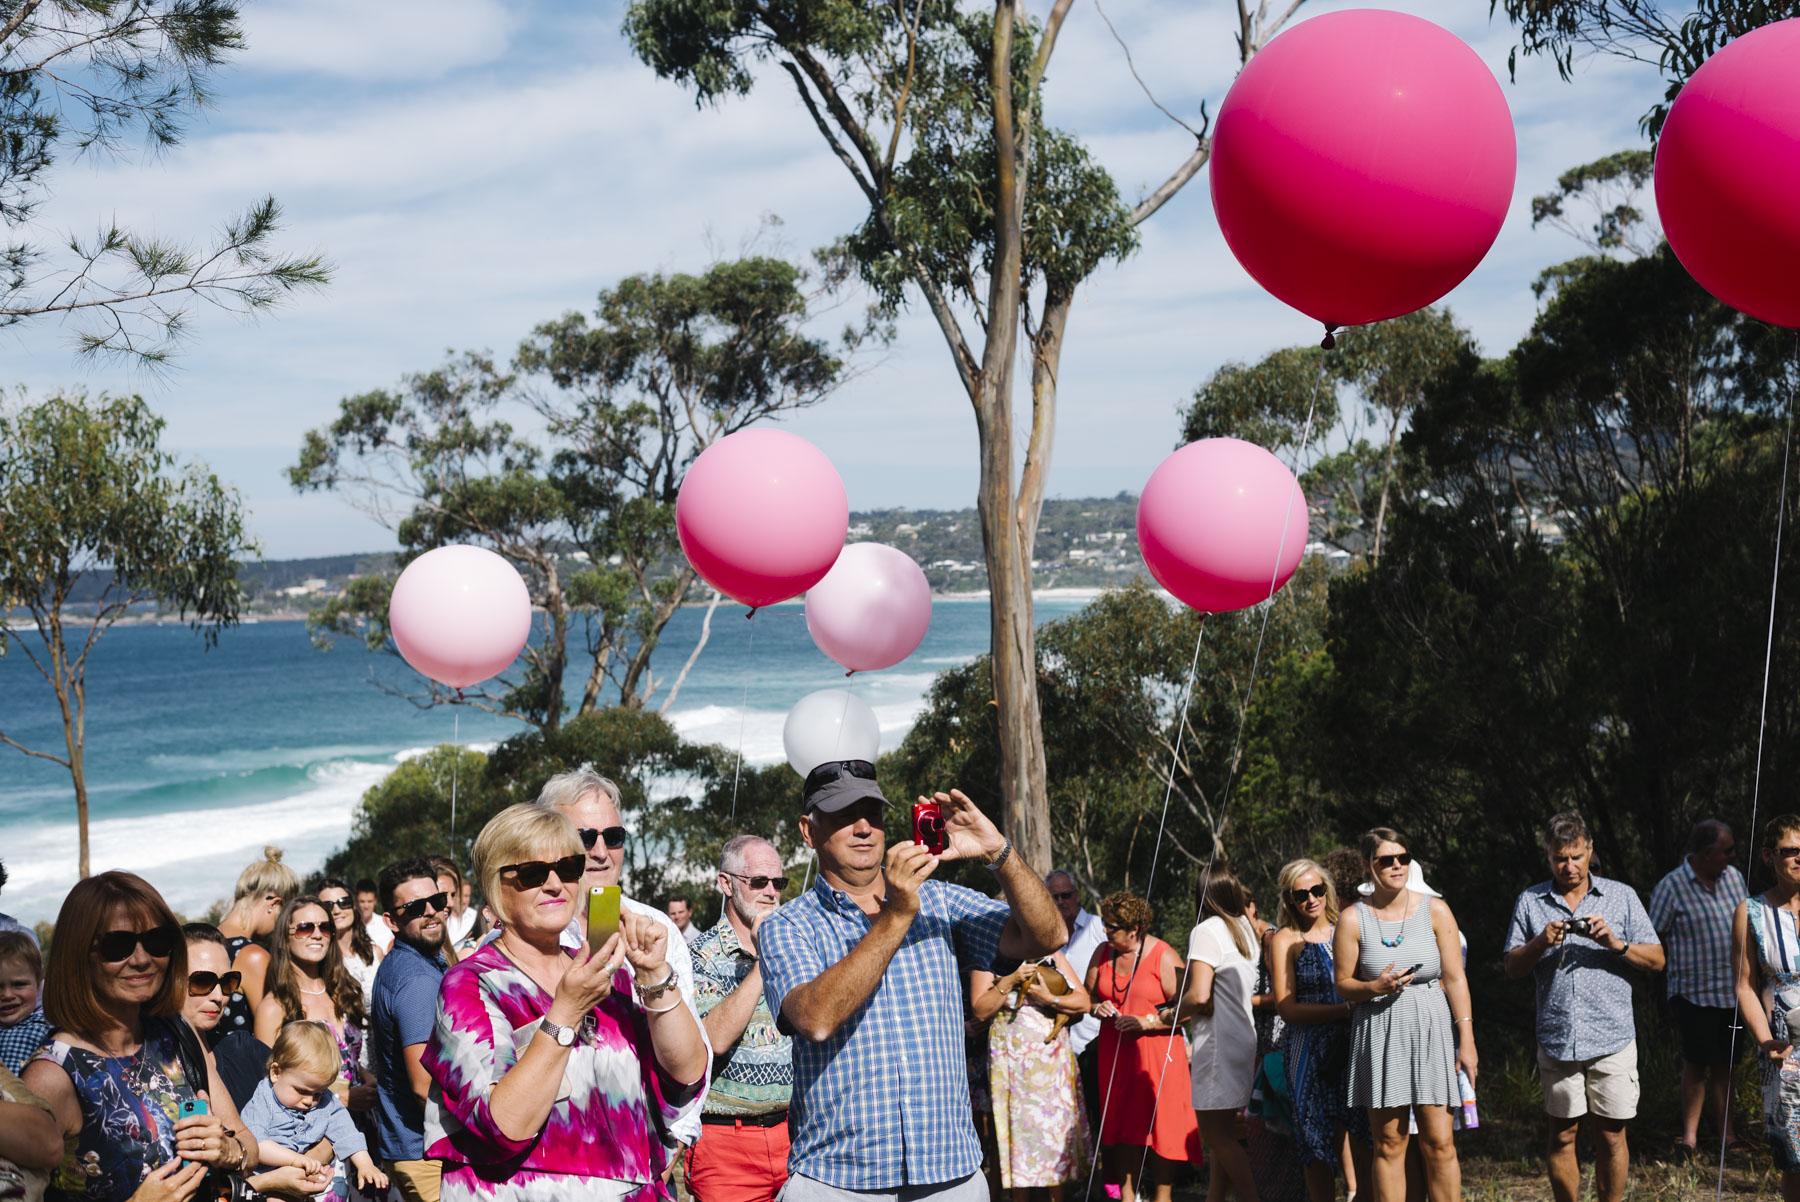 1501curchill-177alan_moyle_wedding_portrait_brighton_bayside_bay_of_fires_rustic_styled_rustic_beach_candid_documentry_binalongbay_tasmania_destination.jpg